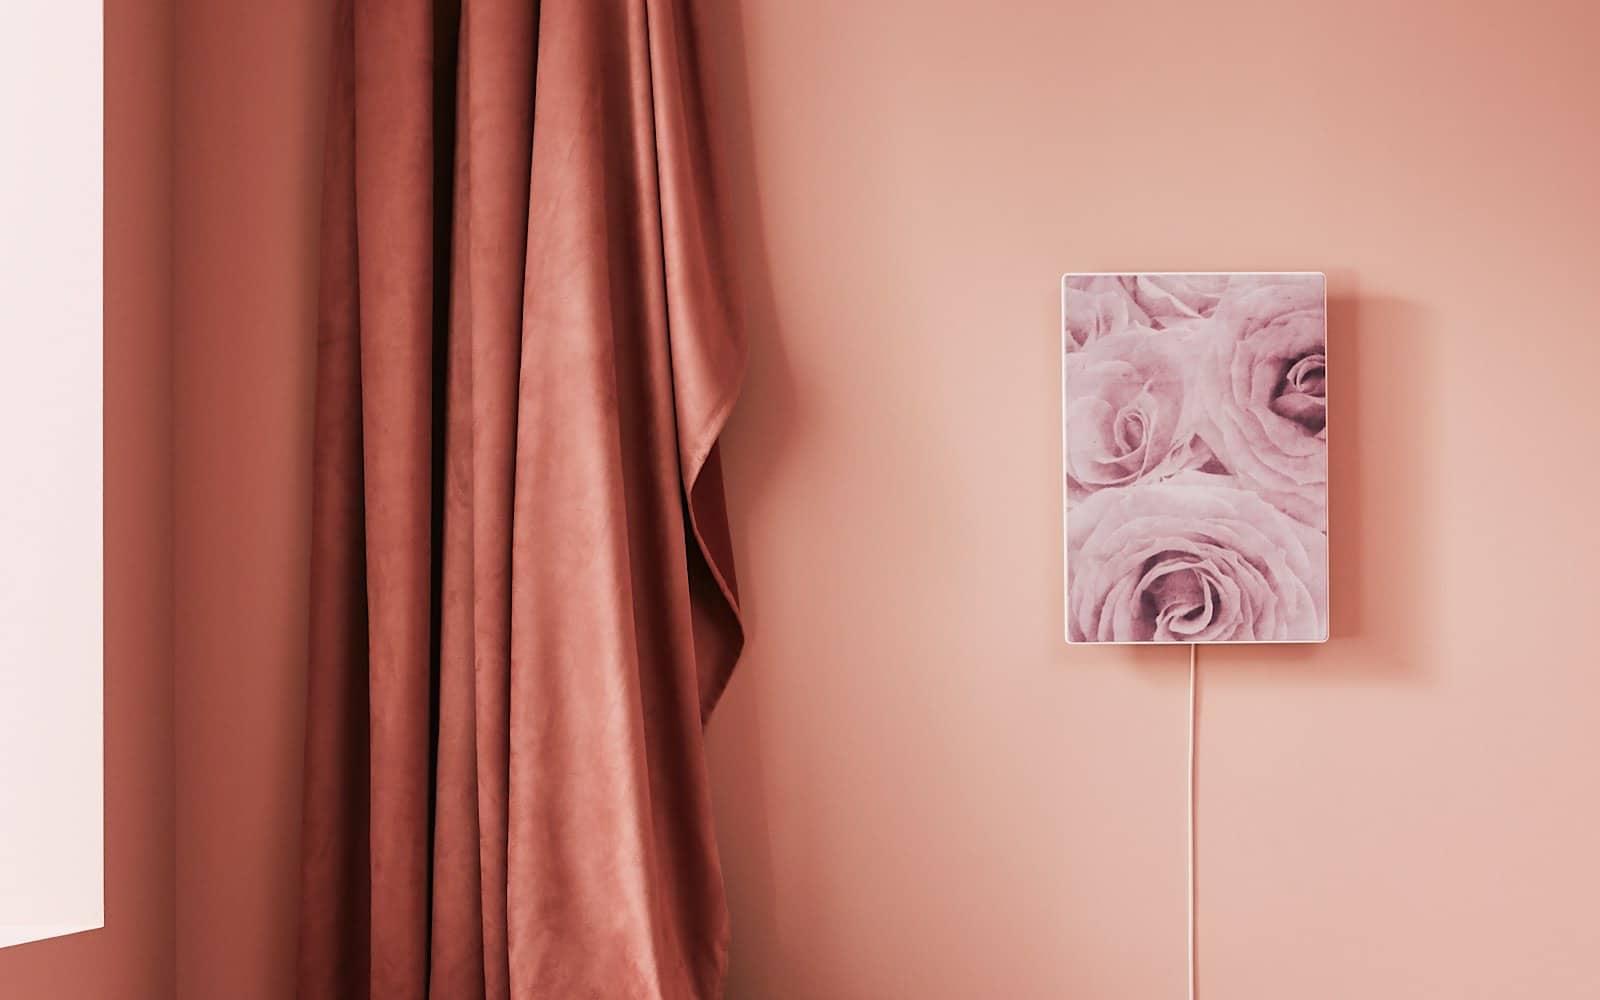 IKEA Symfonisk Picture Frame WiFi speaker